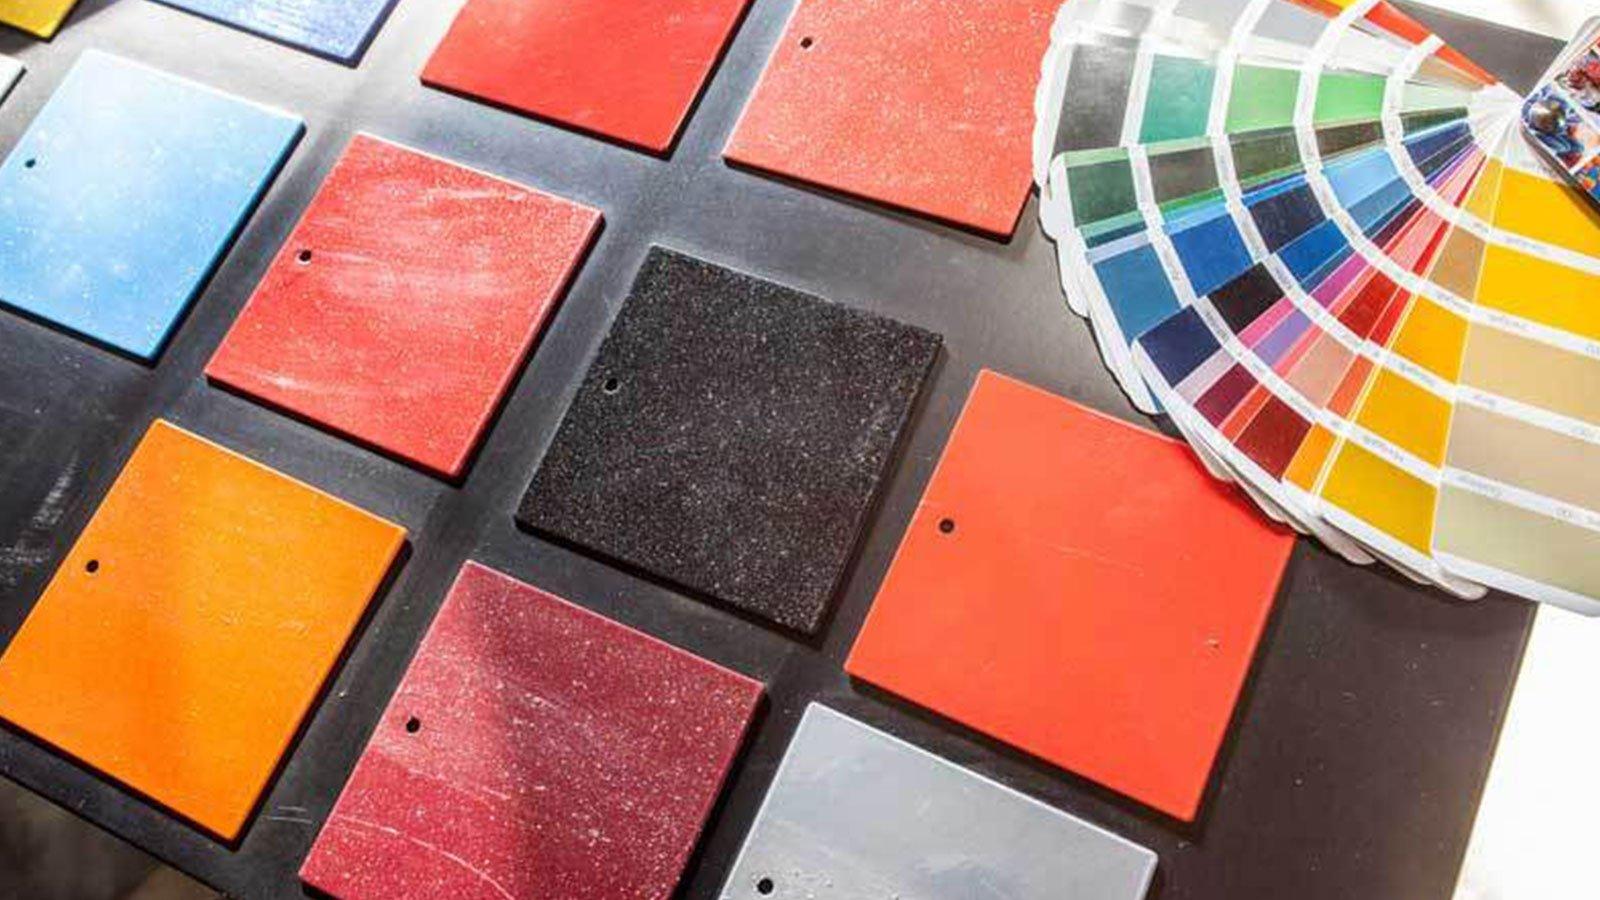 dei campioni di colori